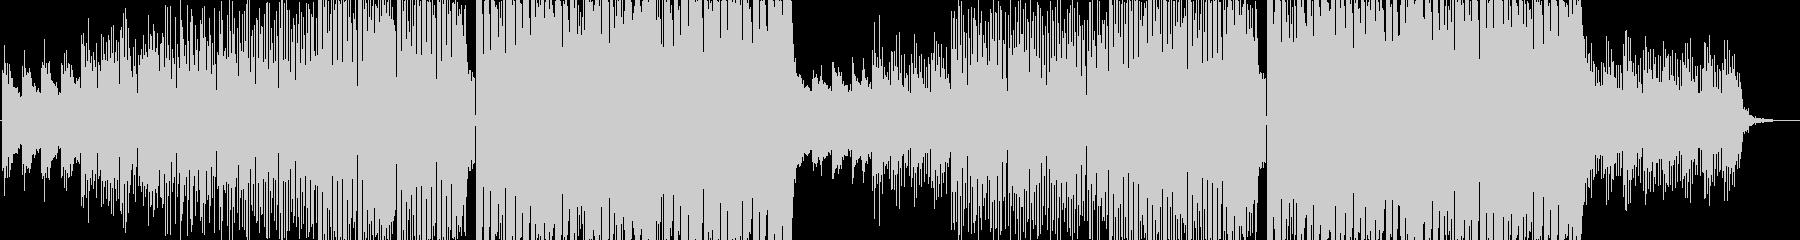 おしゃれでエモいFuture Bassの未再生の波形